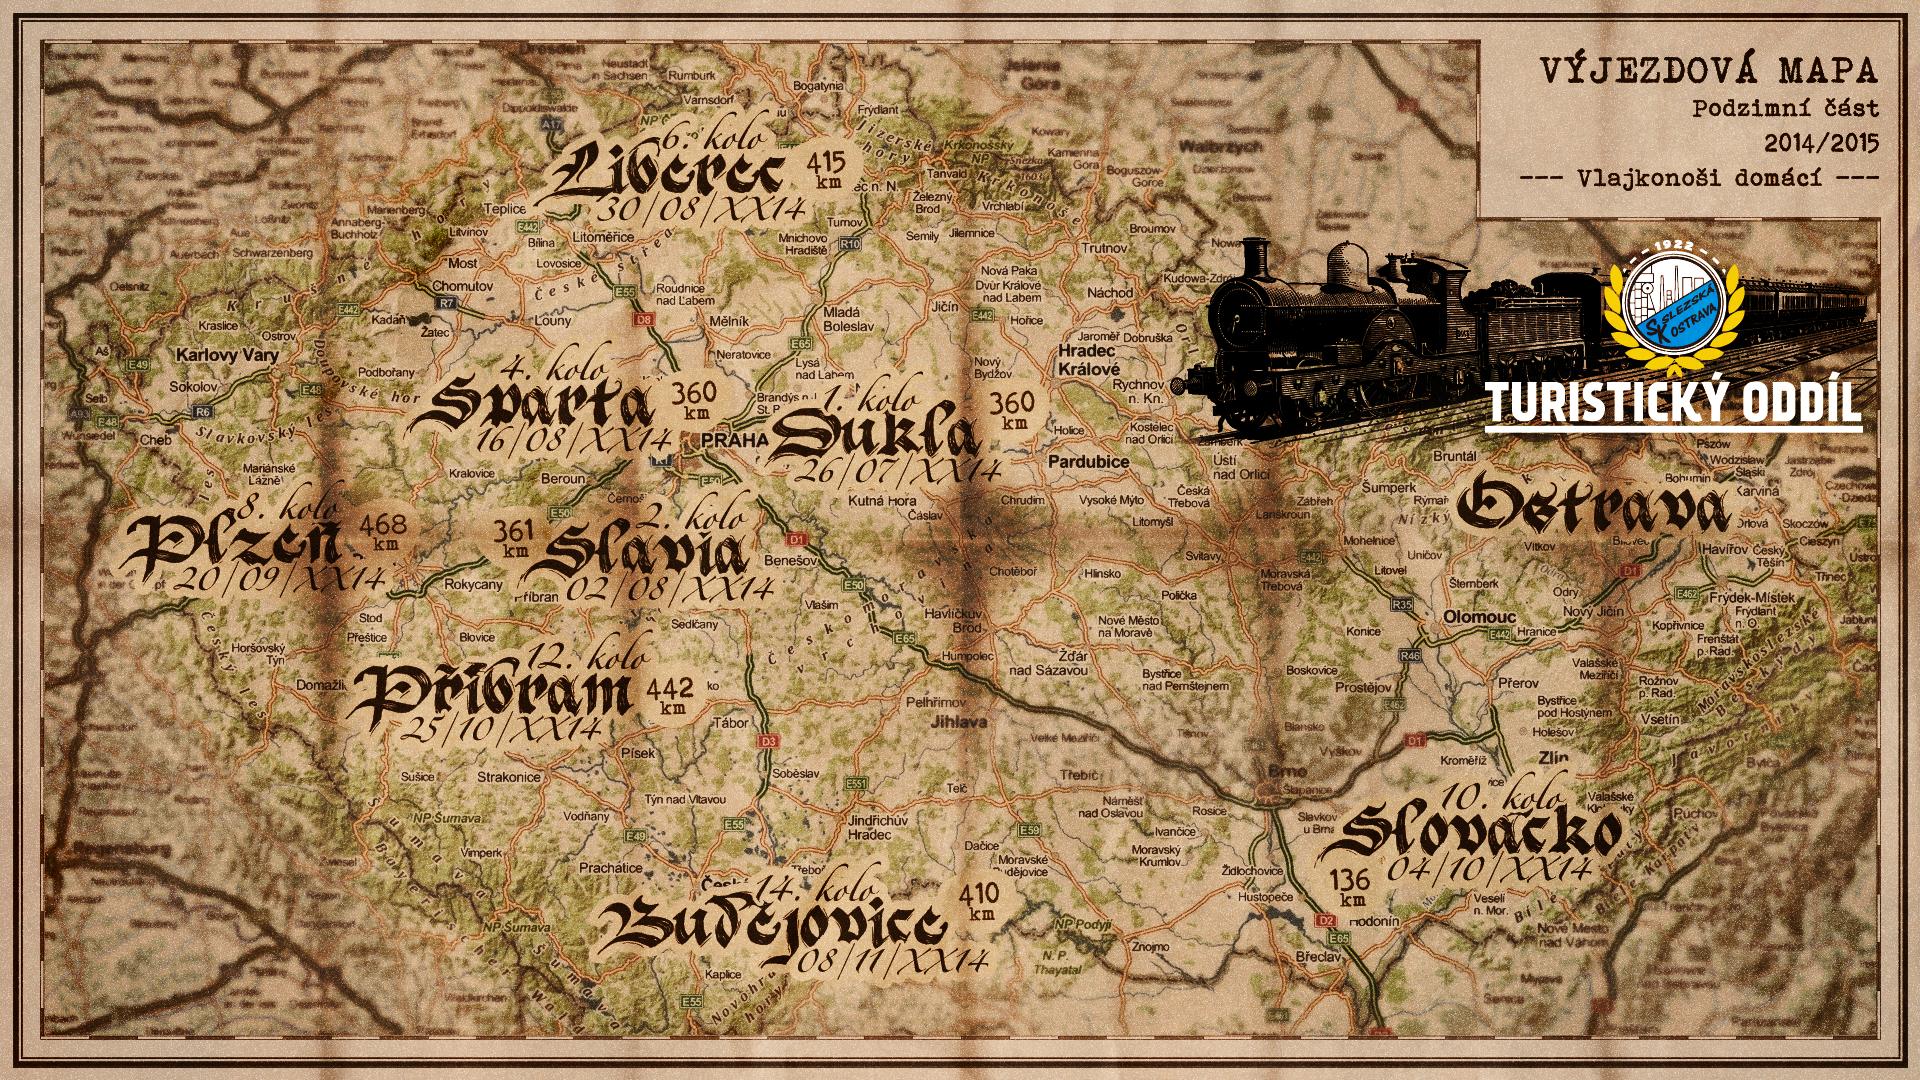 vyjezdy_mapa_podzim2015_1080i.png (5.35 MB)